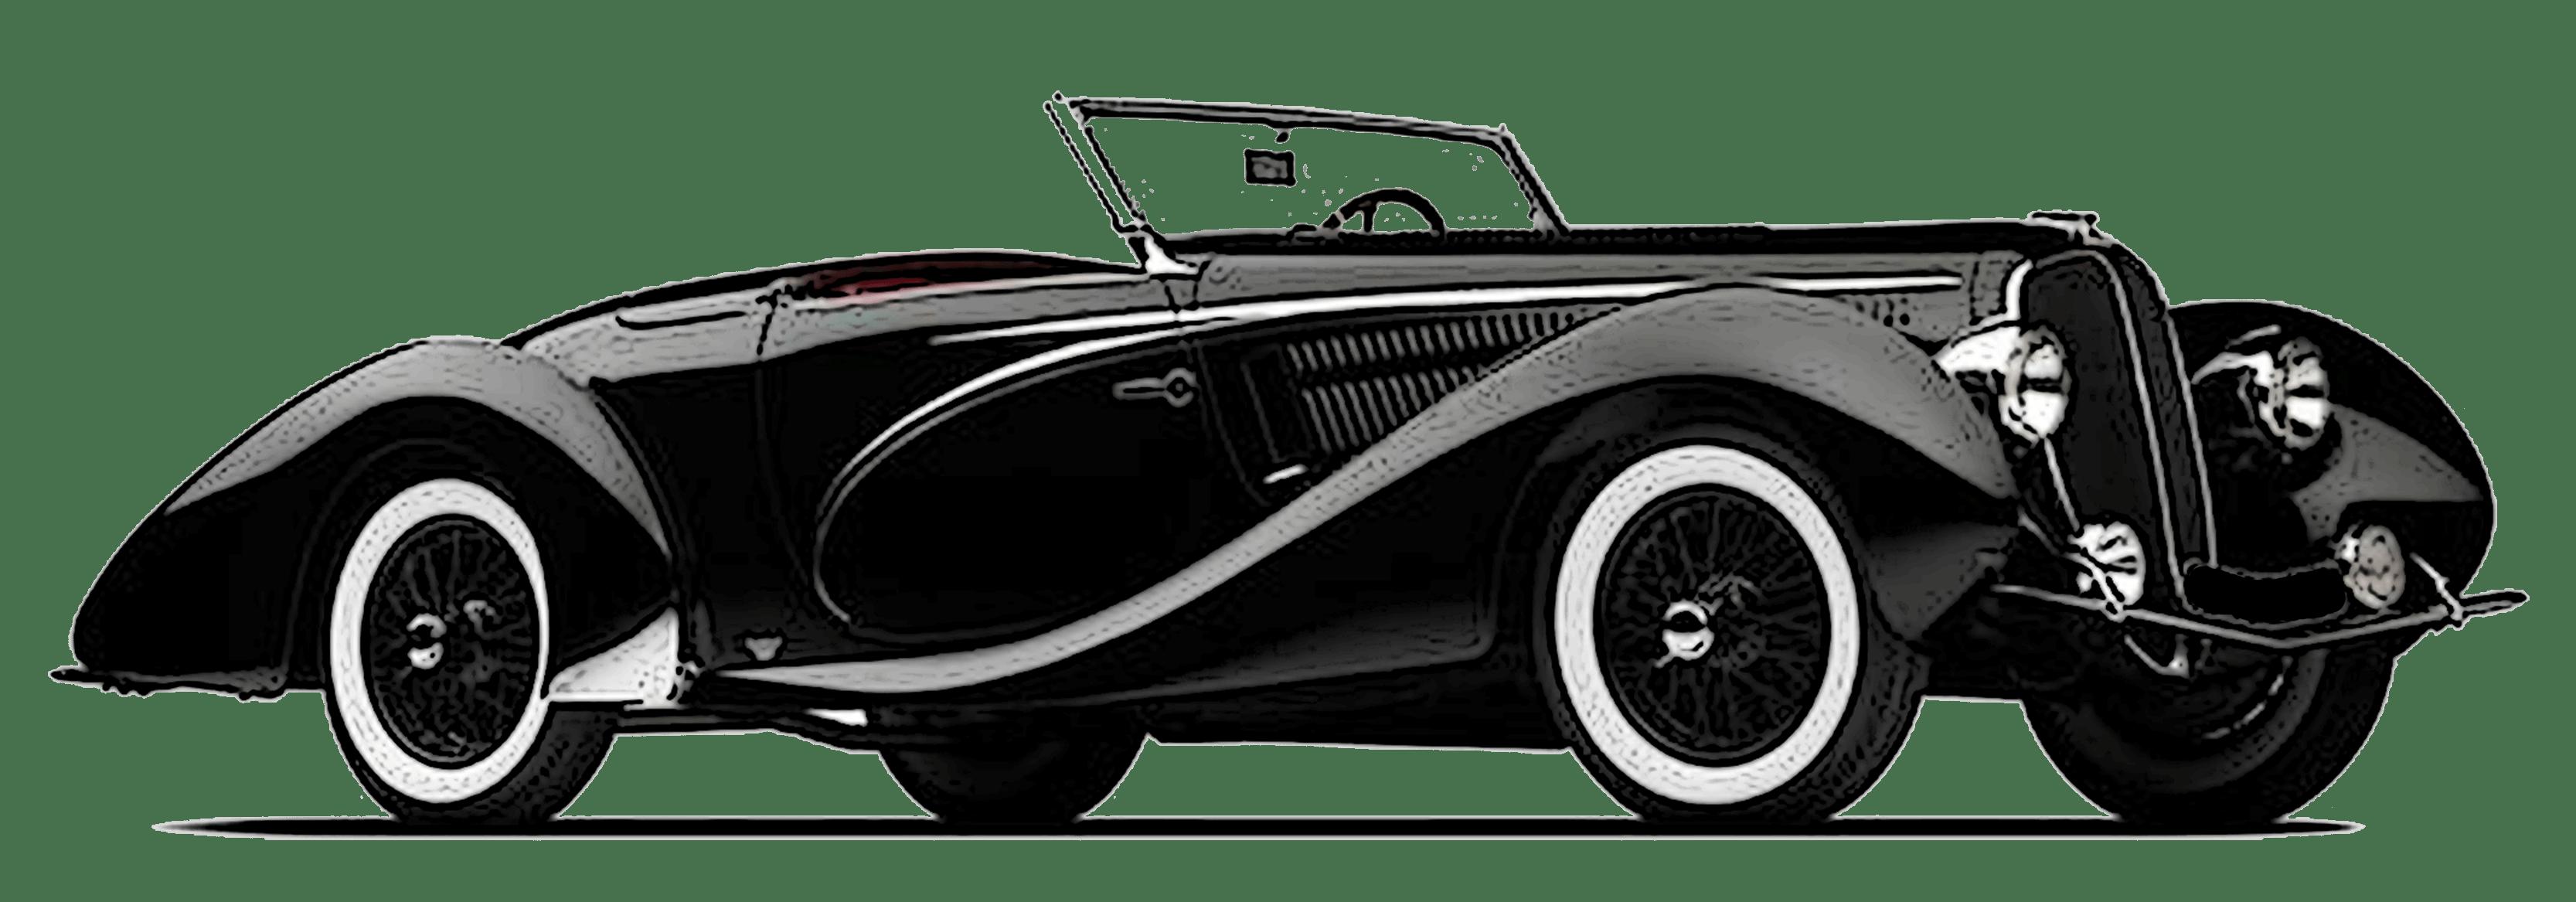 voiture-pays-basque-elegance2